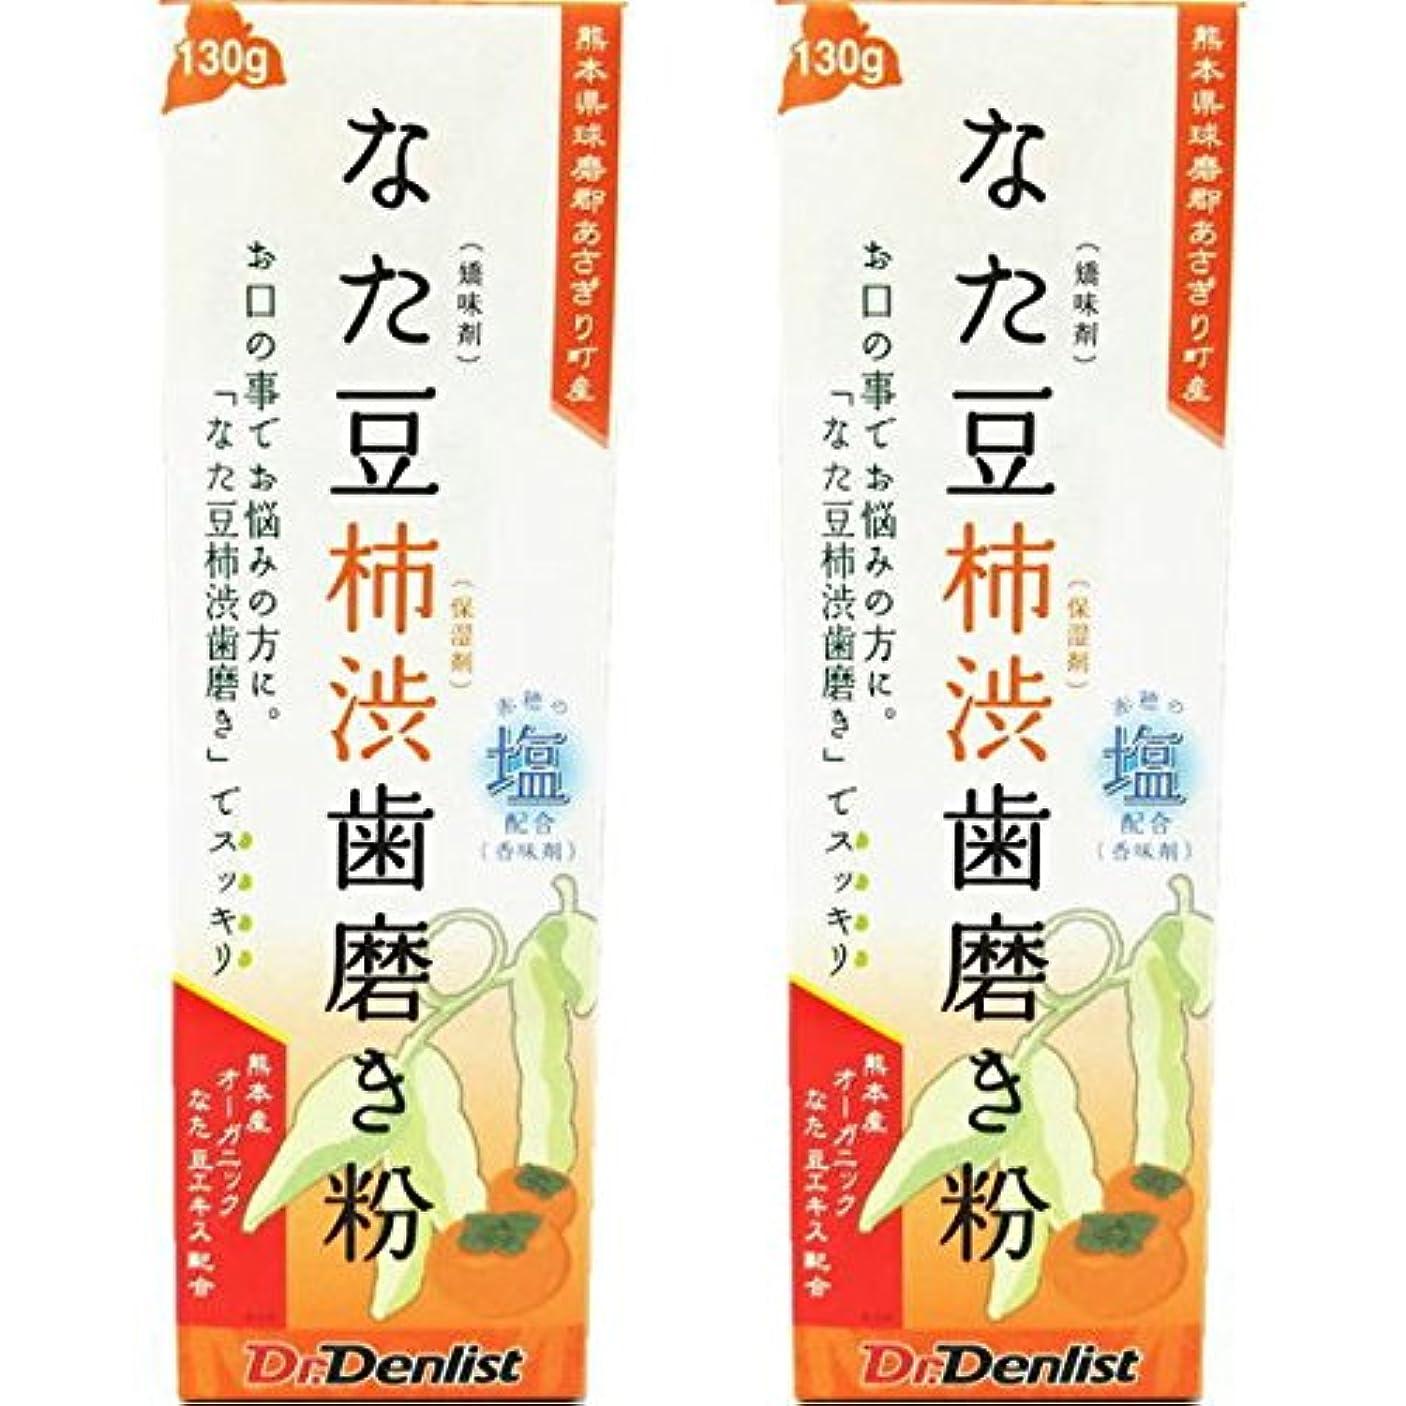 疾患本能せせらぎなた豆柿渋歯磨き 130g 2個セット 国産 有機なた豆使用 赤穂の塩配合(香味剤)